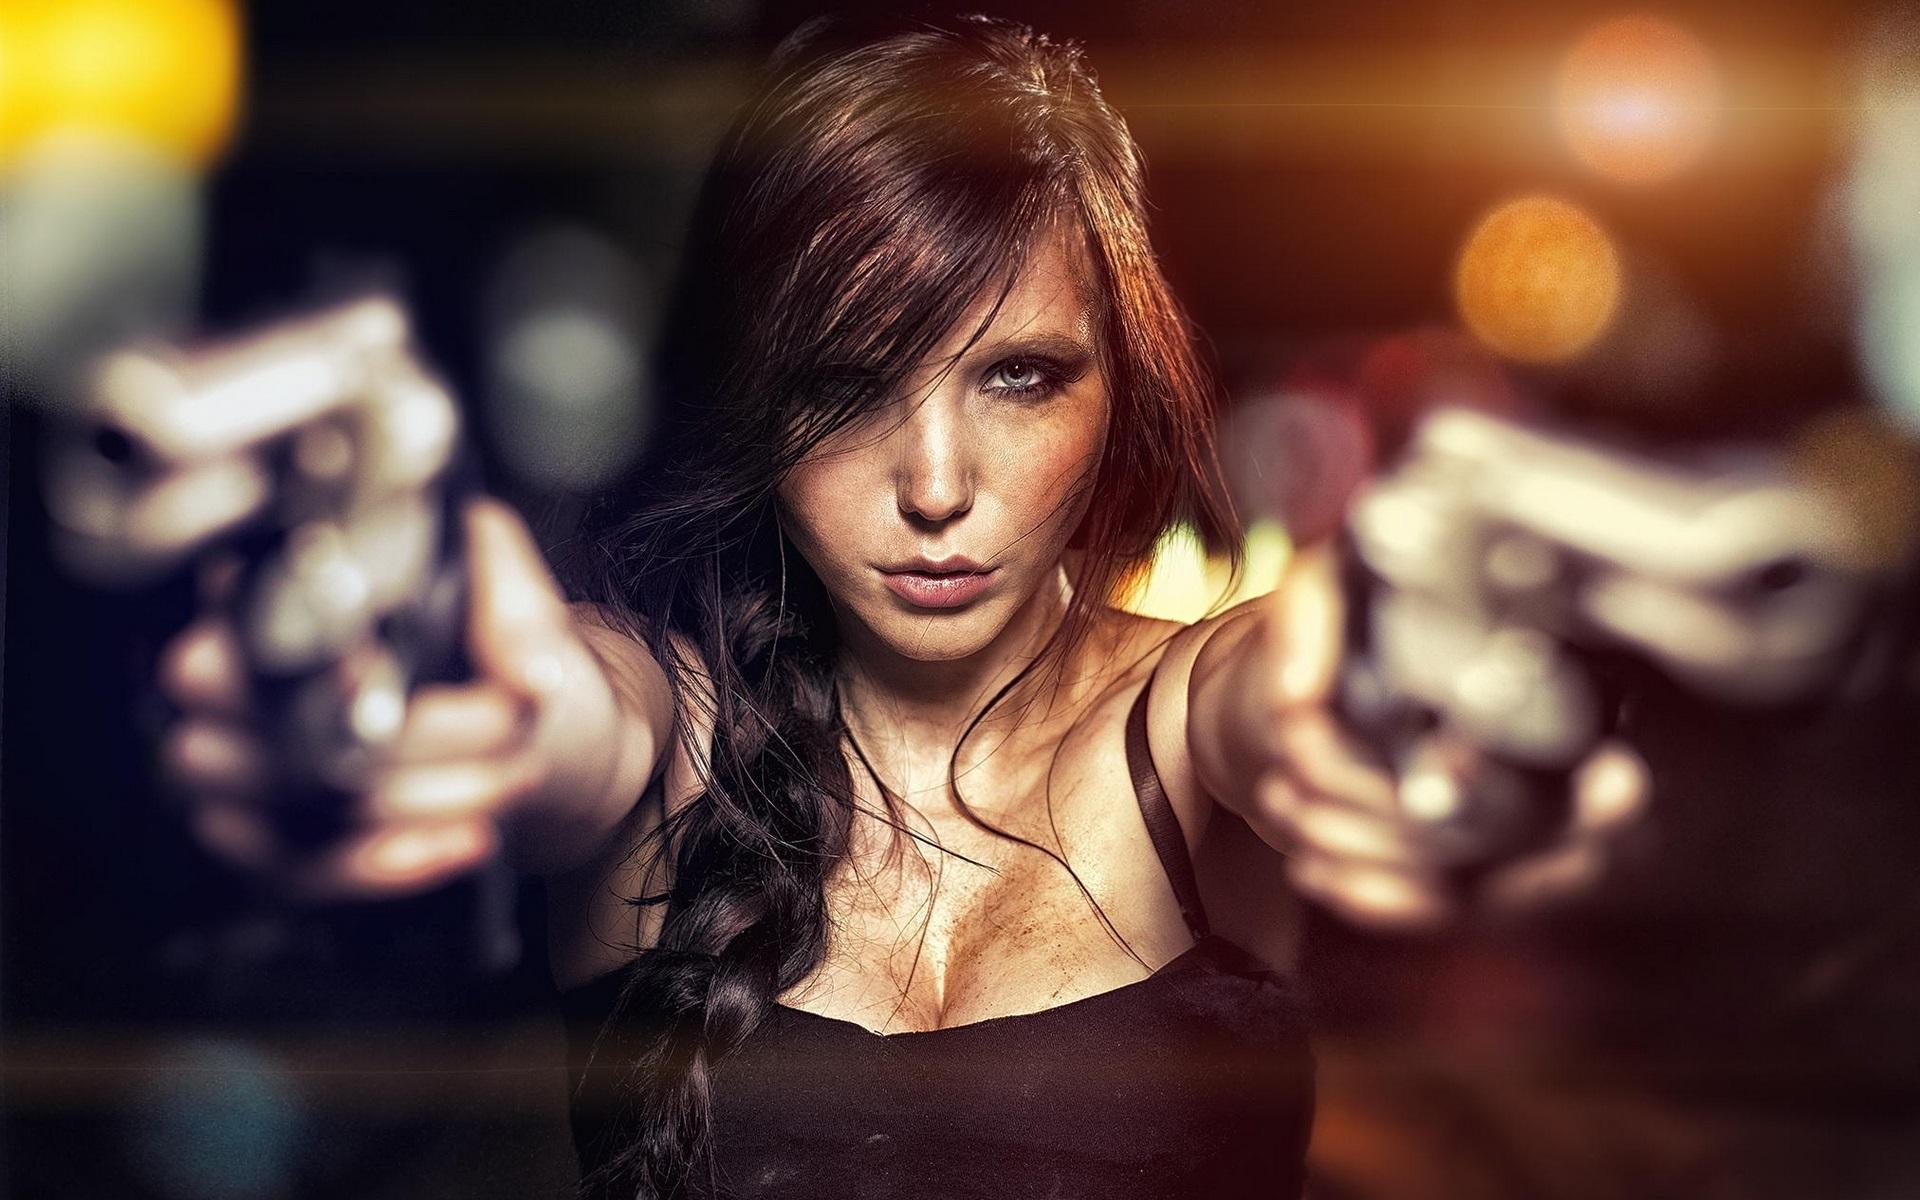 Прикольные картинки девочка с пистолетом